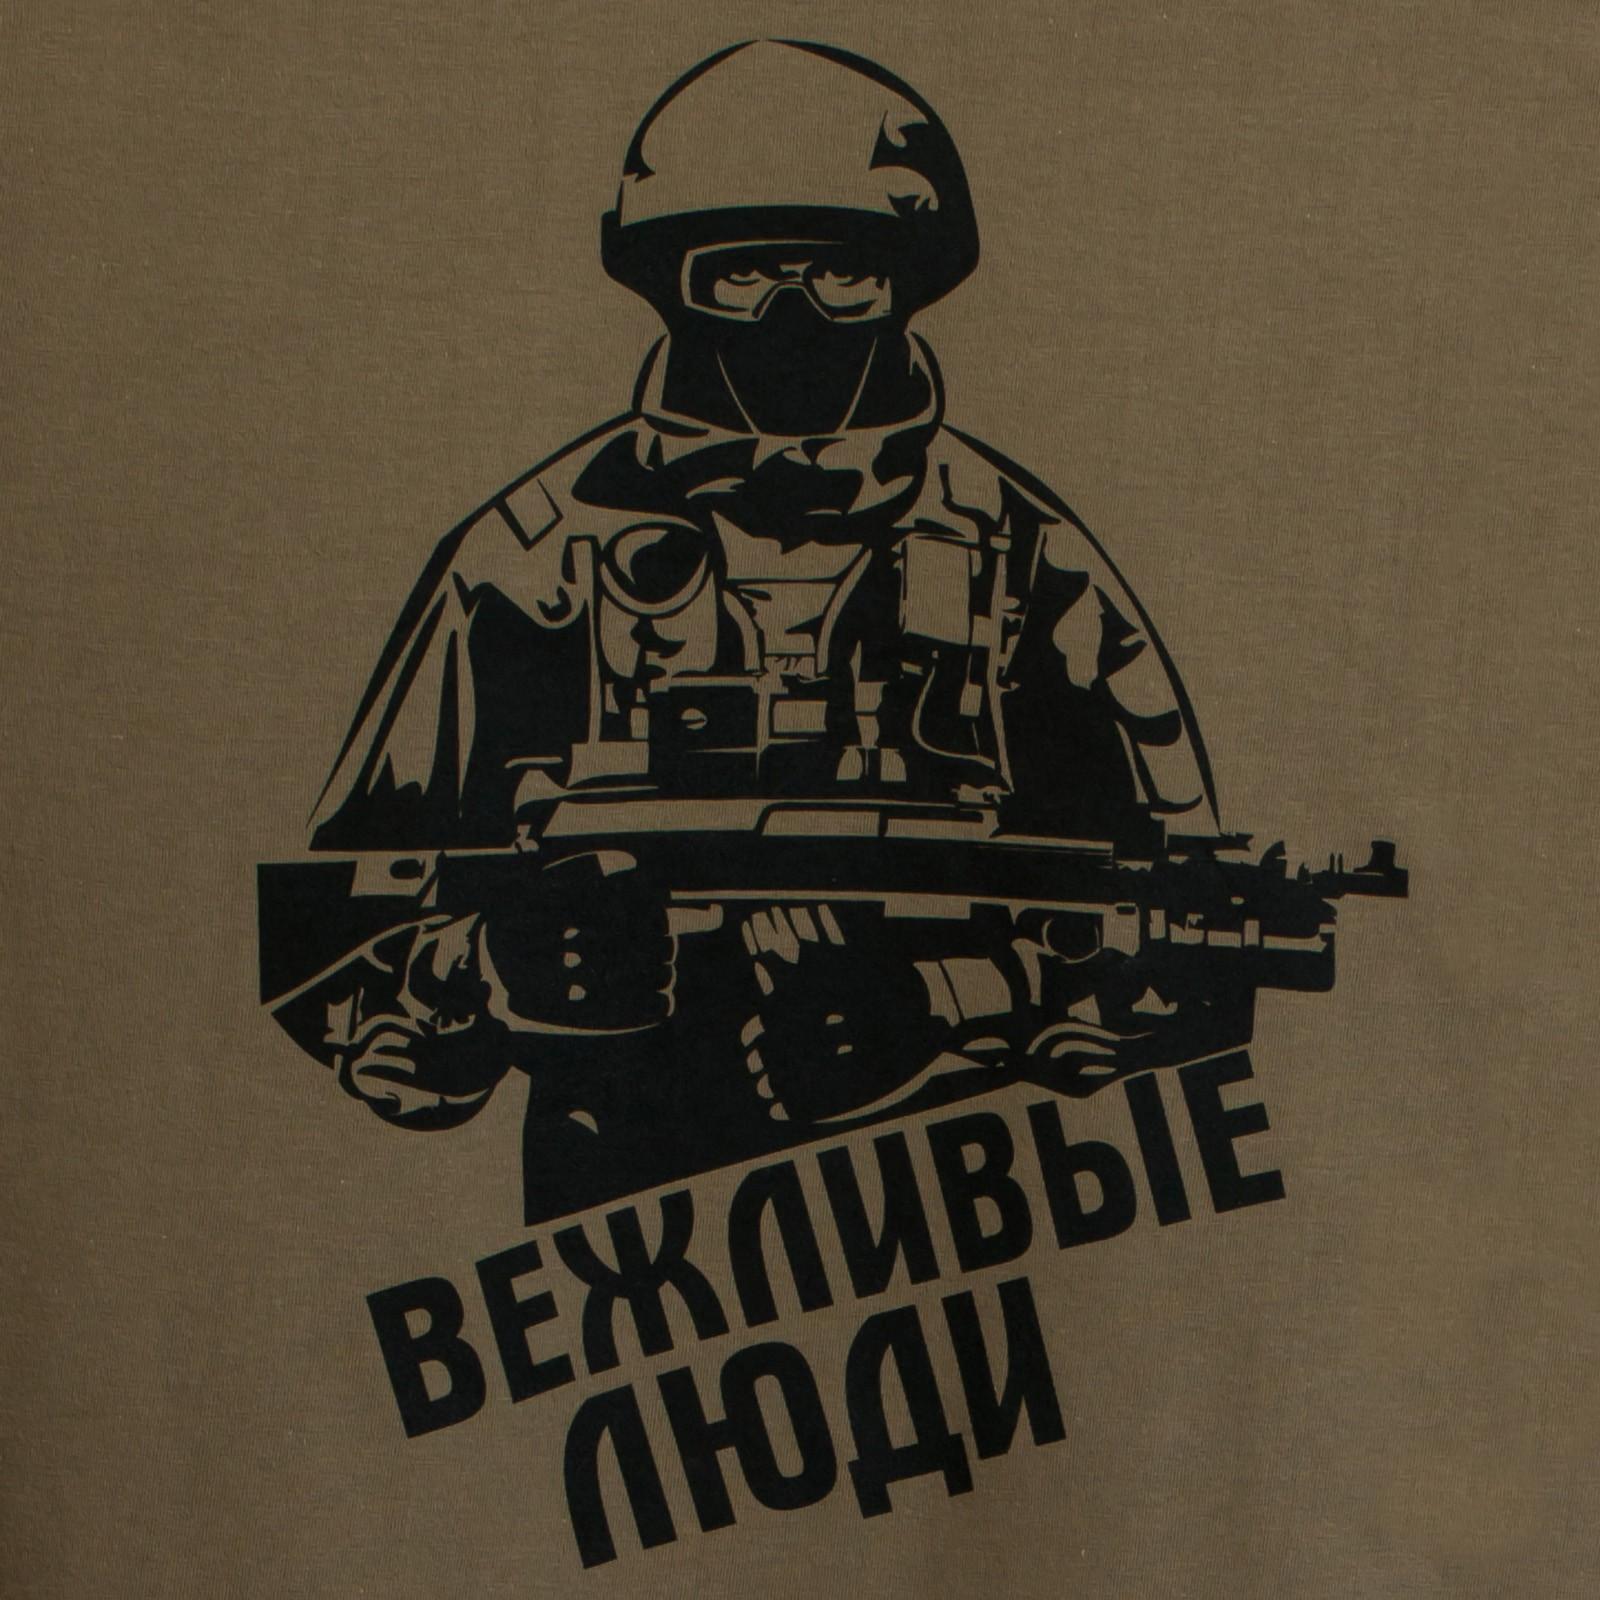 Футболка для Вежливых солдат Армии России - черный принт